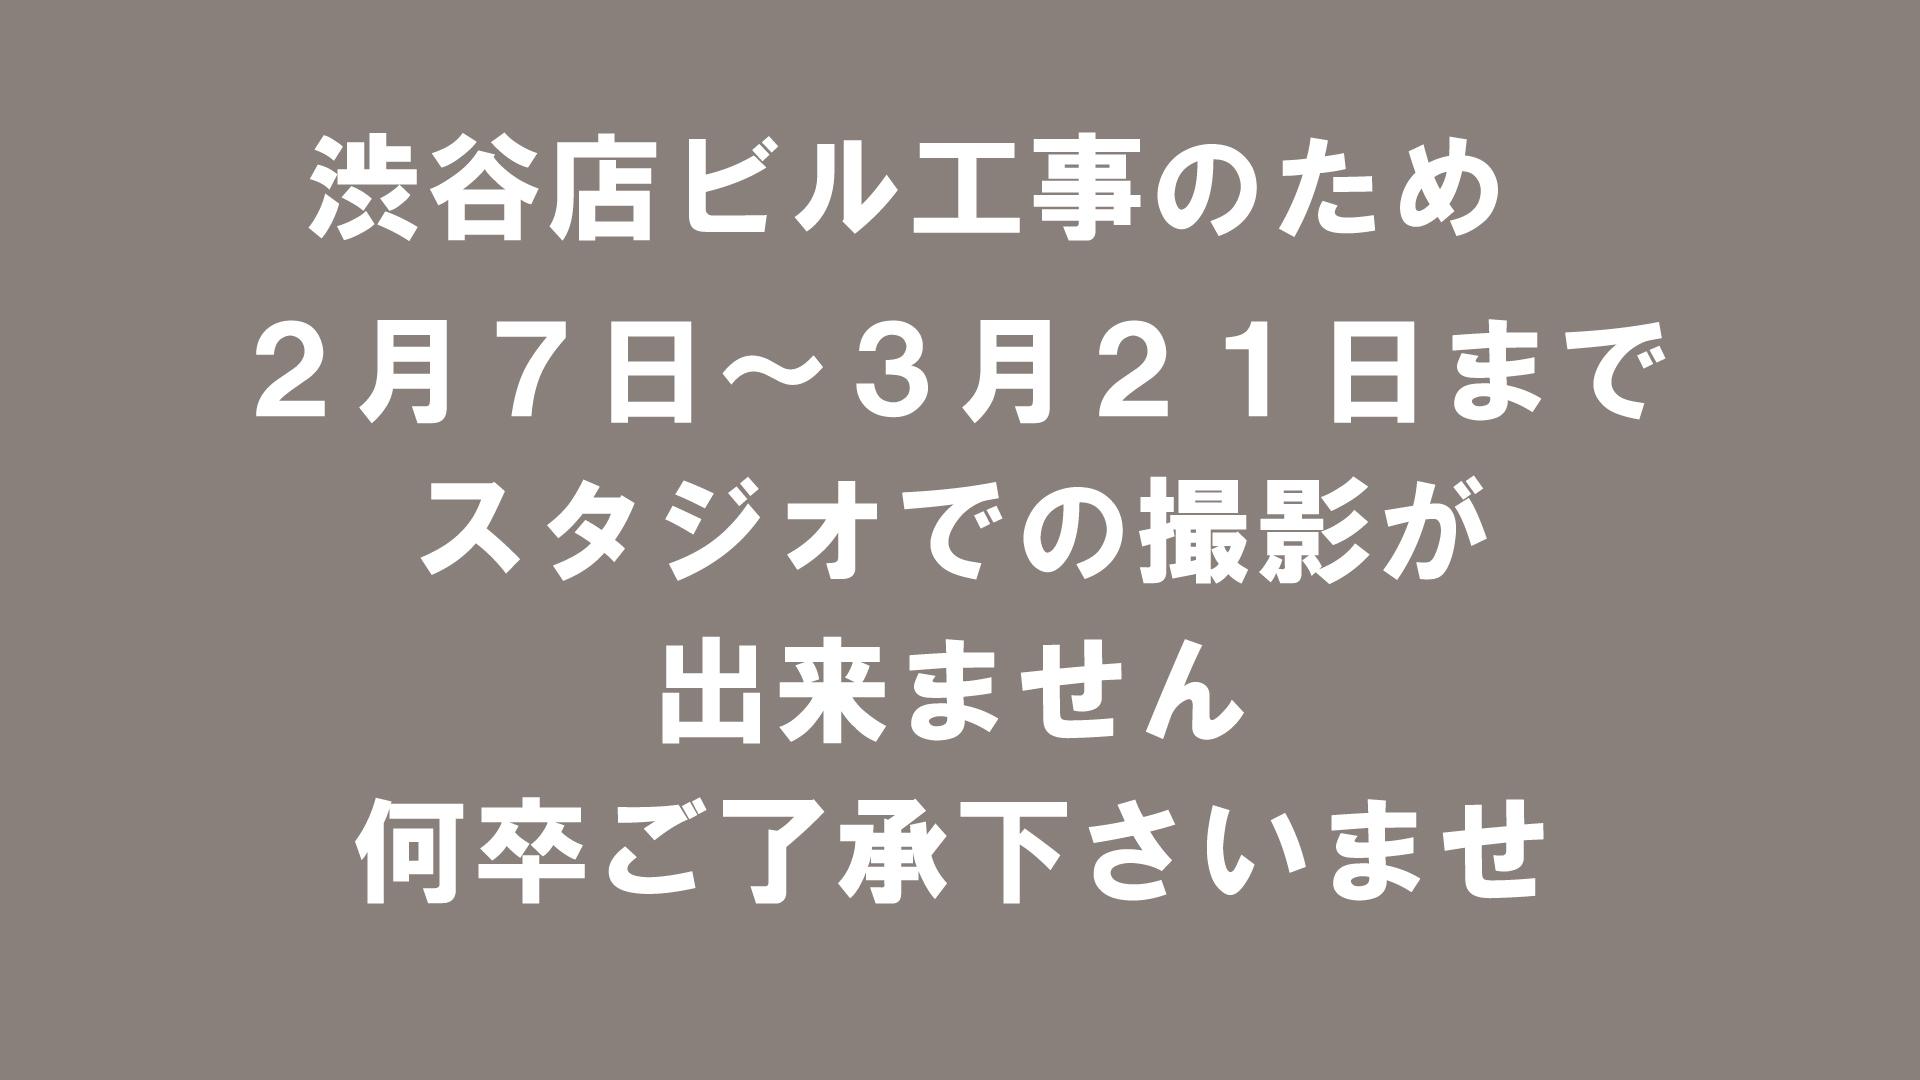 渋谷店(衣装内覧・写真セレクトなどは可能です) ビル工事のため  2月7日〜3月21日まで  スタジオでの撮影が出来ません 何卒ご了承下さいませ